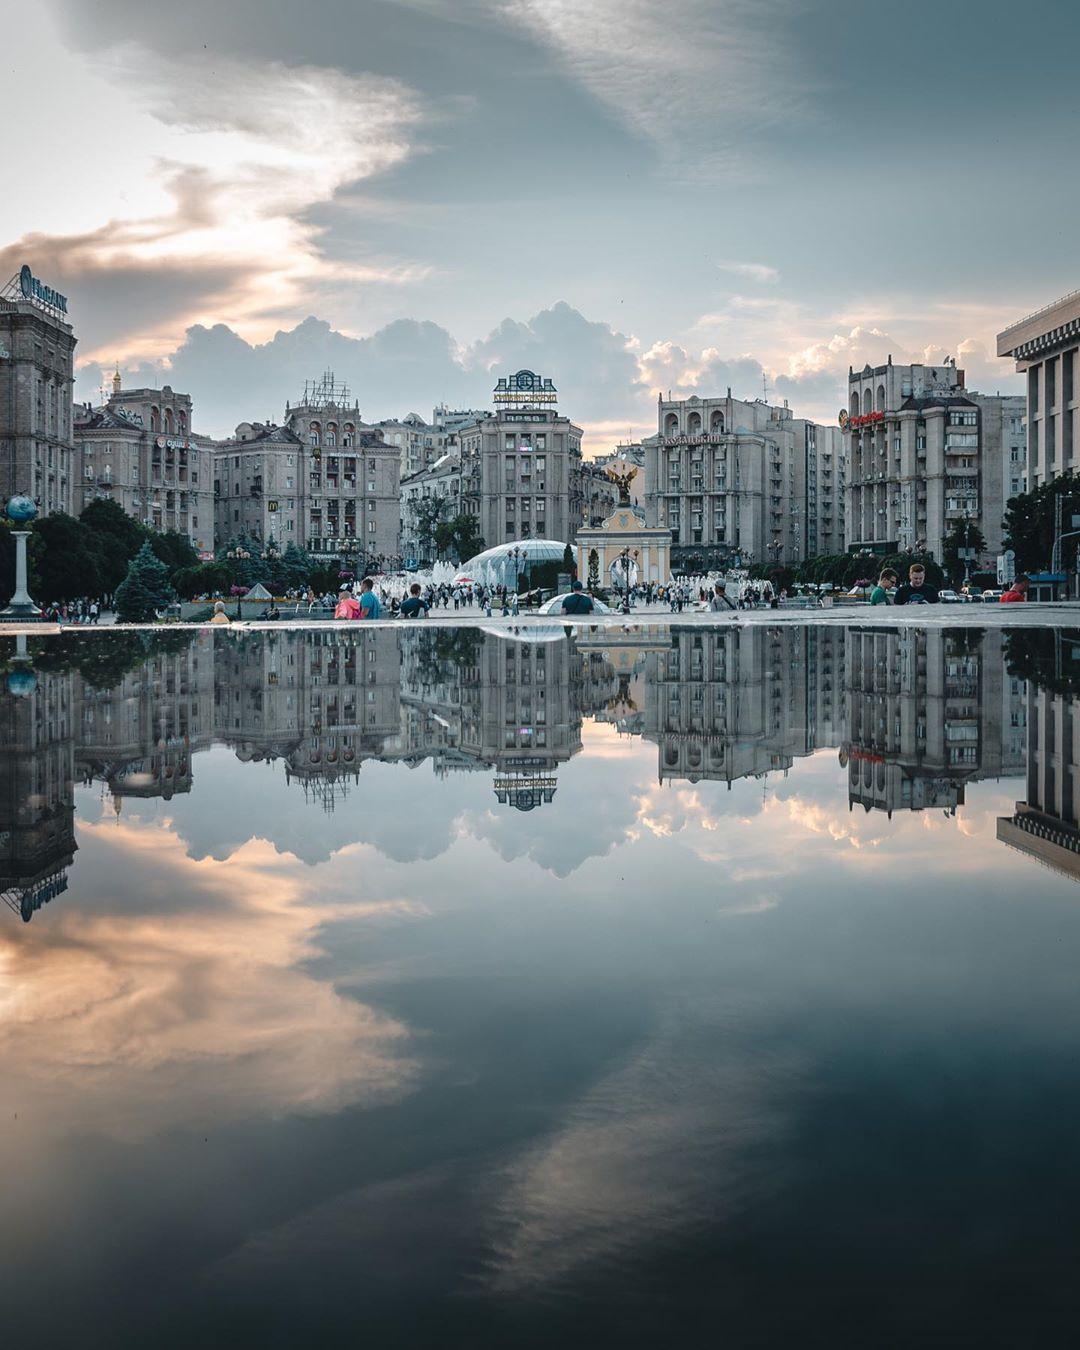 """На уходящей неделе Киев омывало дождями, что позволило @zhukevych сделать фото в любимом жанре """"мир в отражениях"""""""